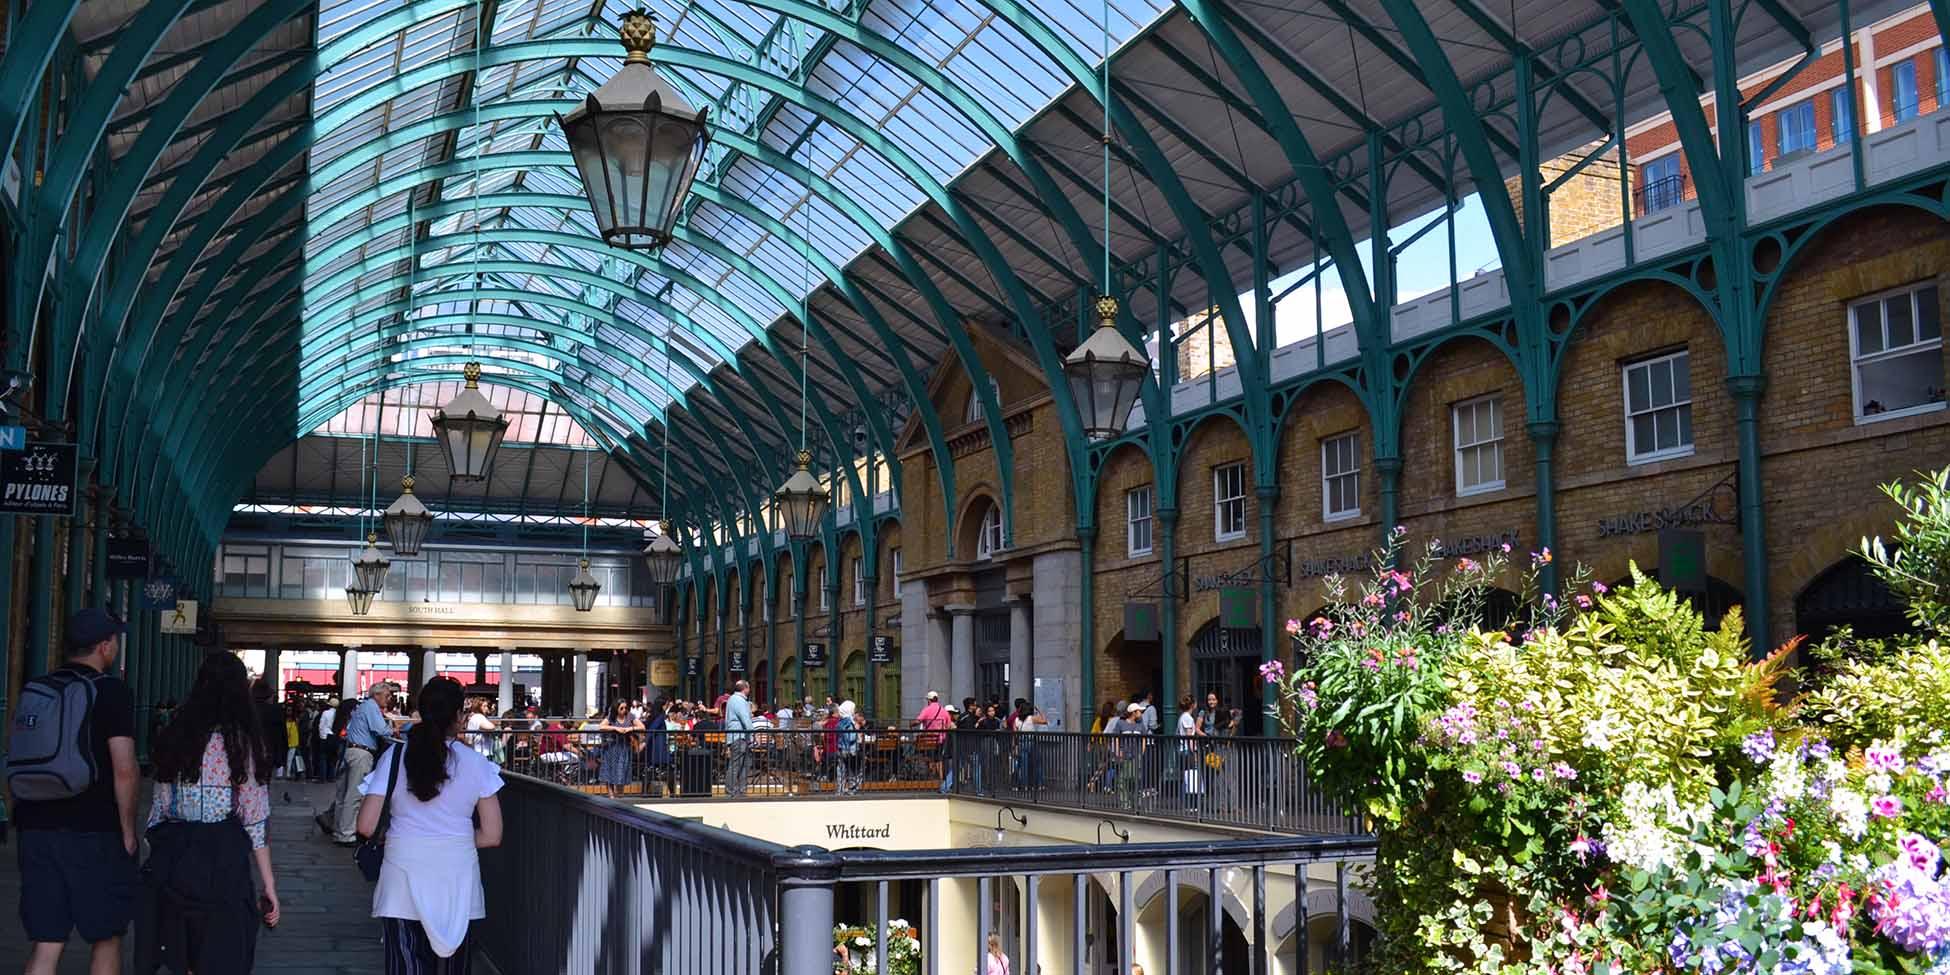 El mercado de Covent Garden en Londres